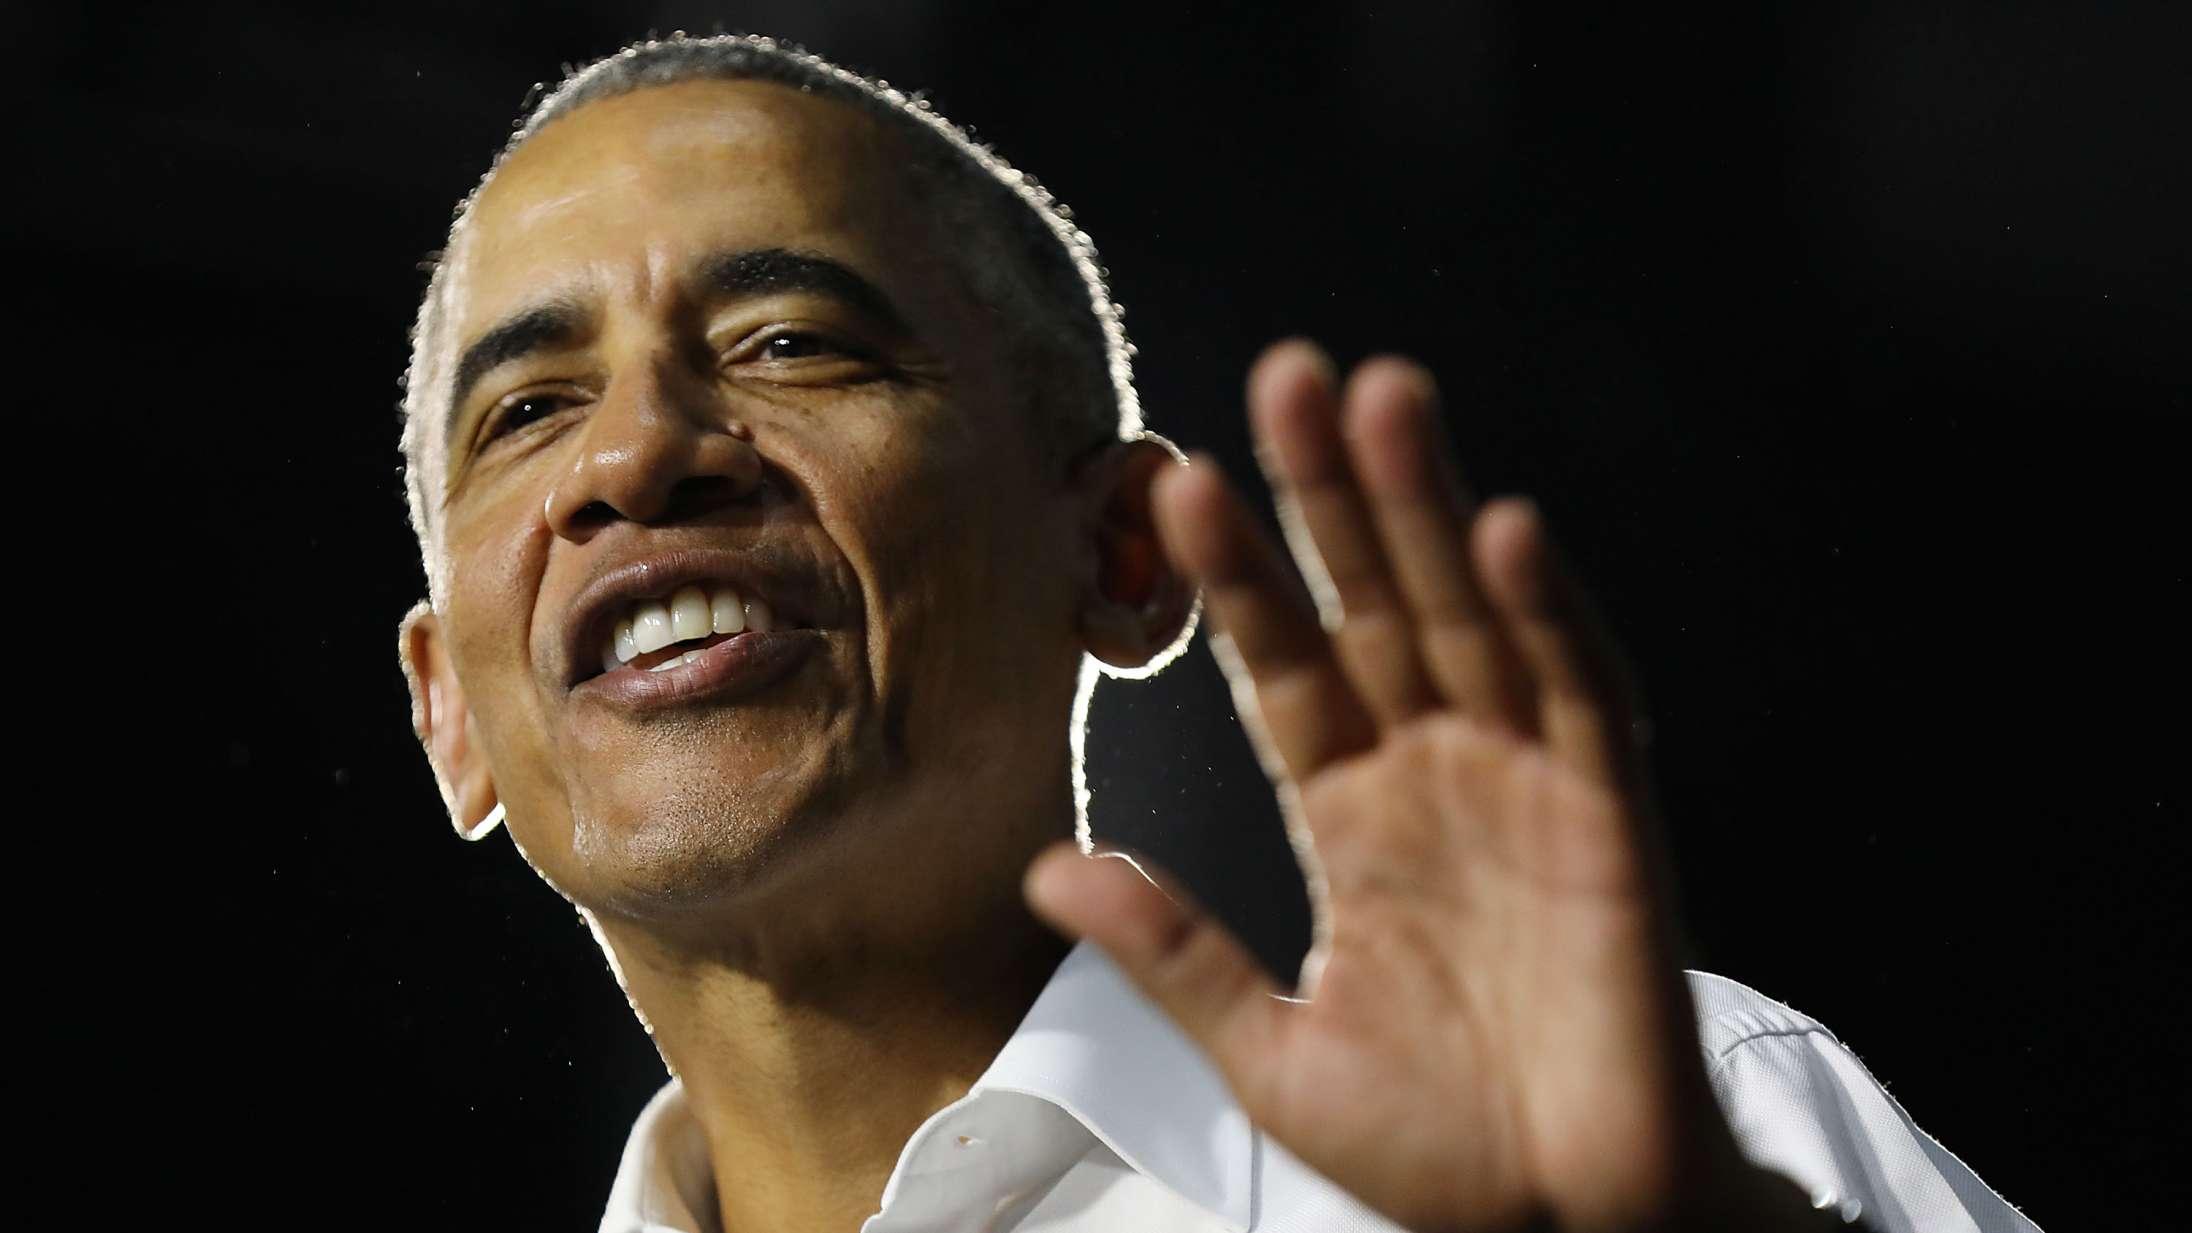 Barack Obama afslører, hvilken rapper der er favorit hos familien